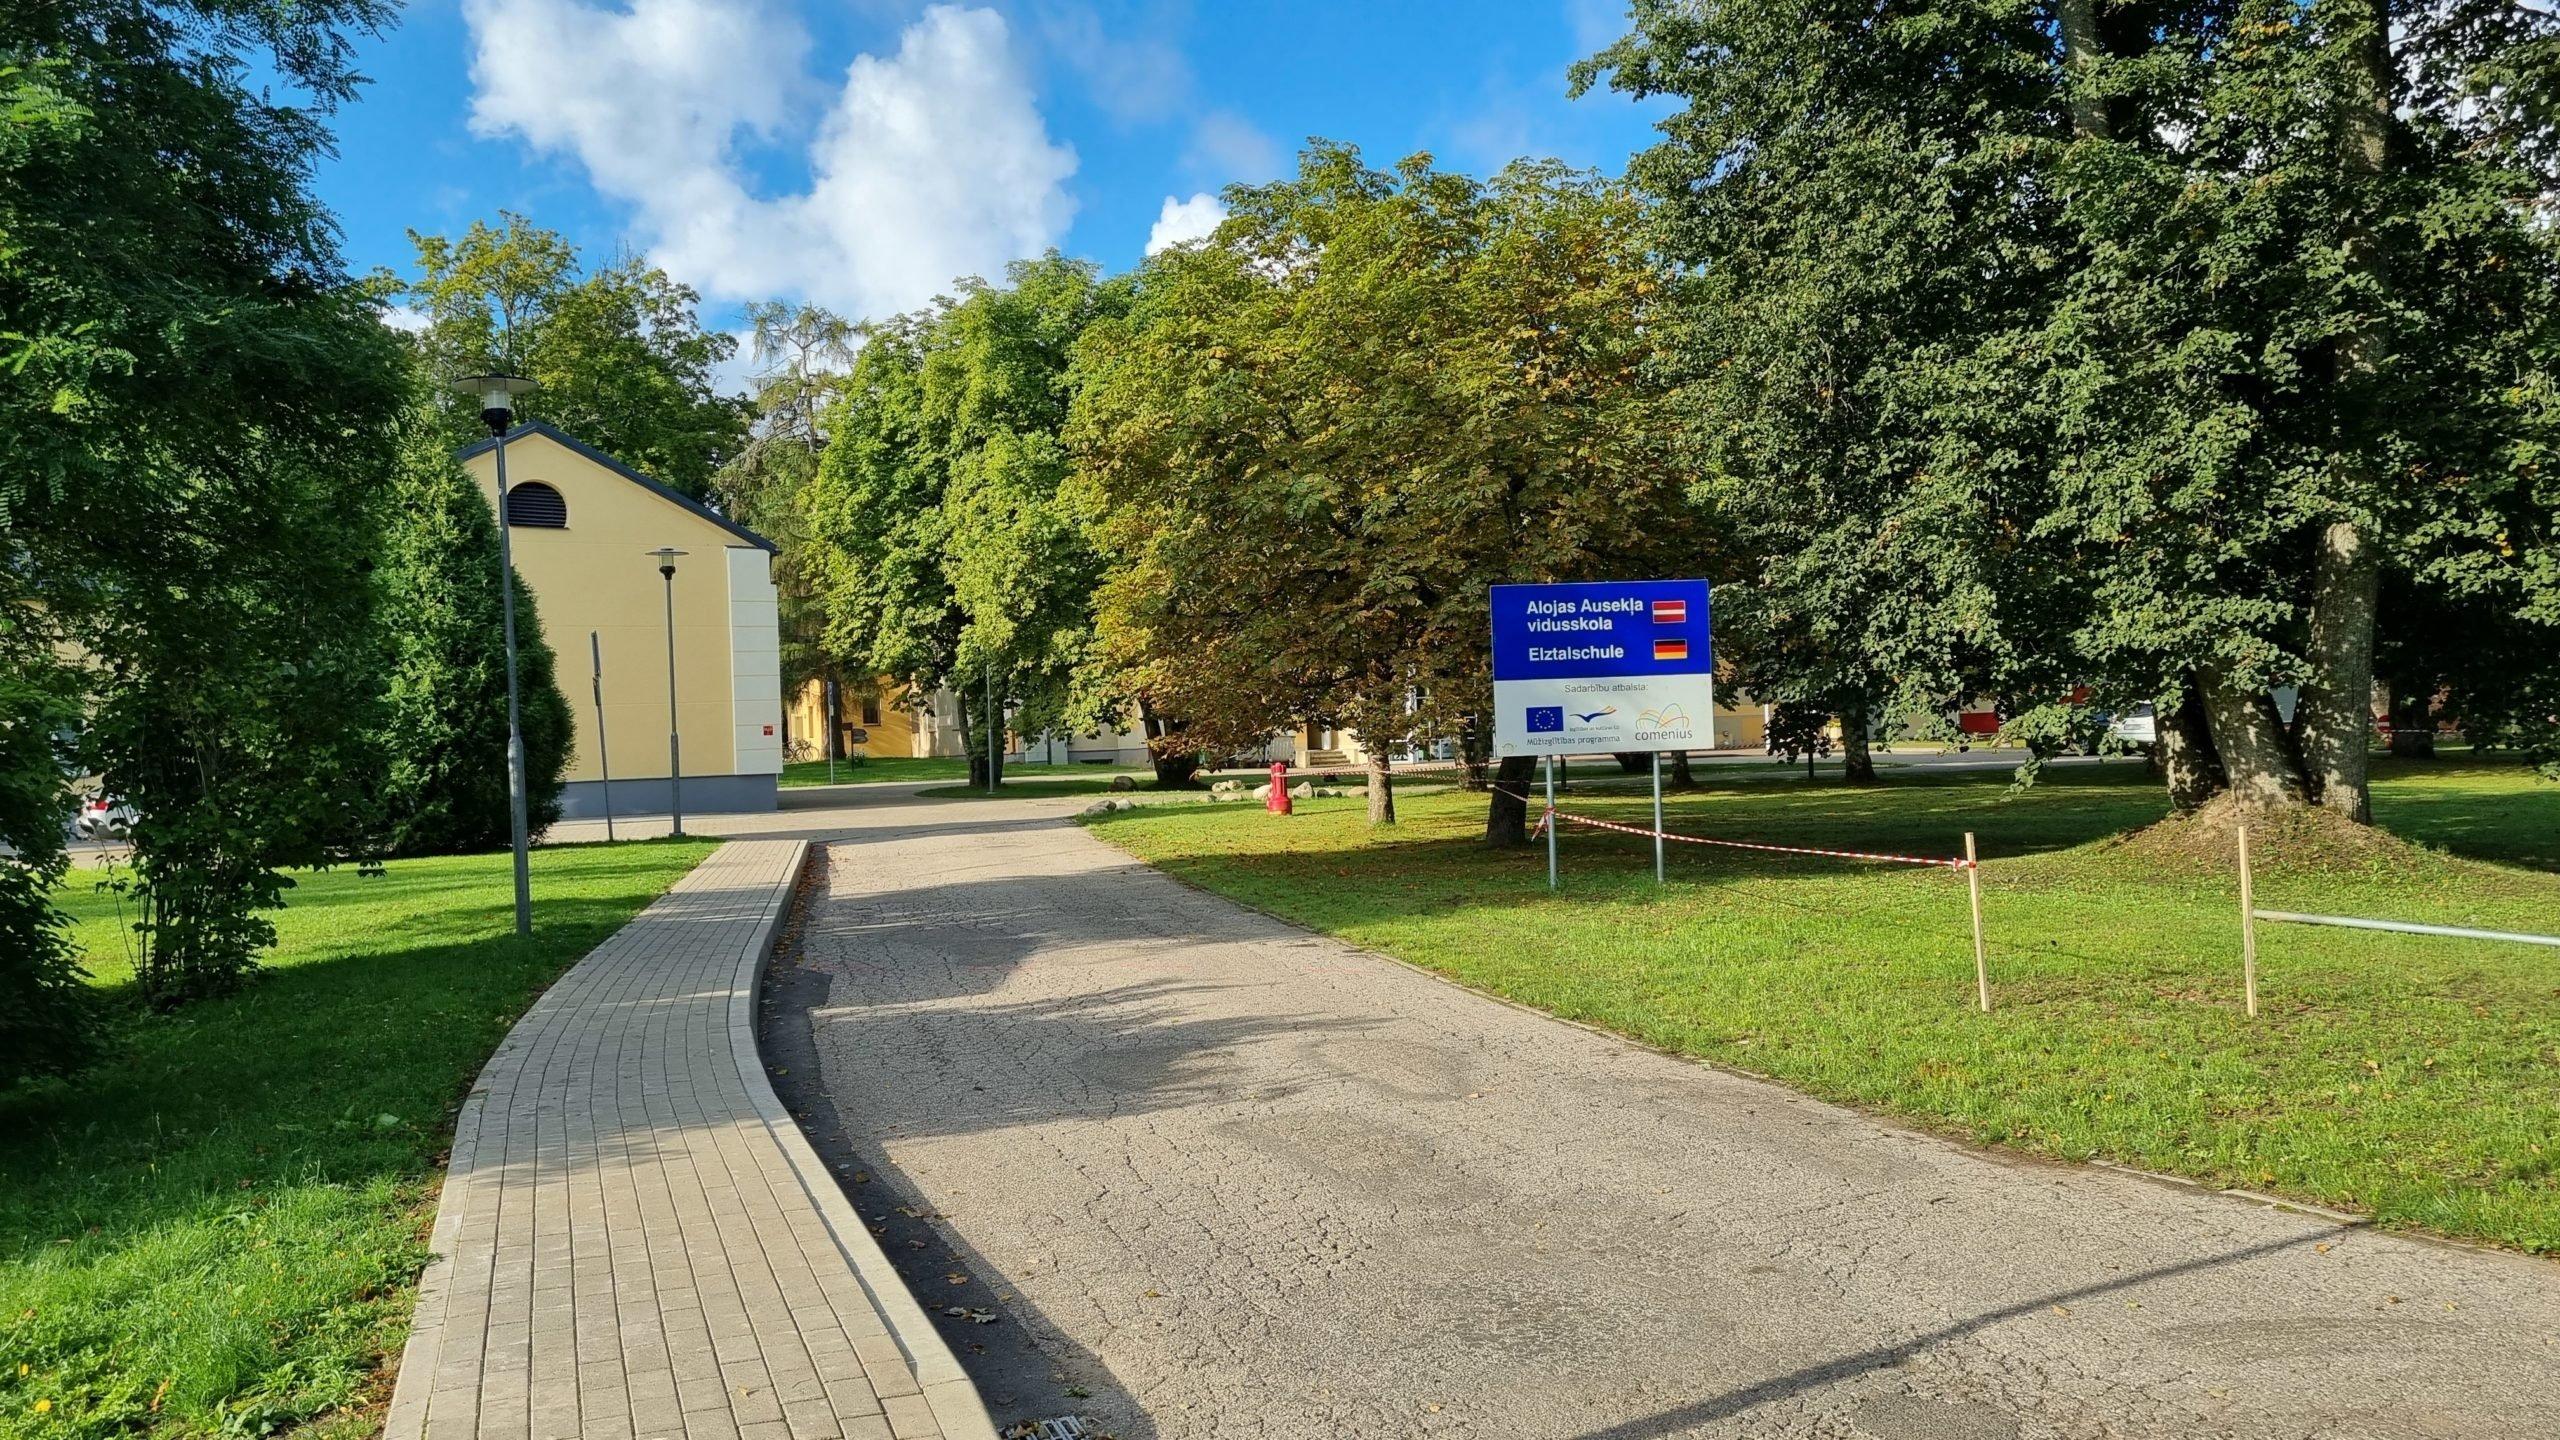 Ir uzsākta Alojas Ausekļa vidusskolas infrastruktūras sakārtošana